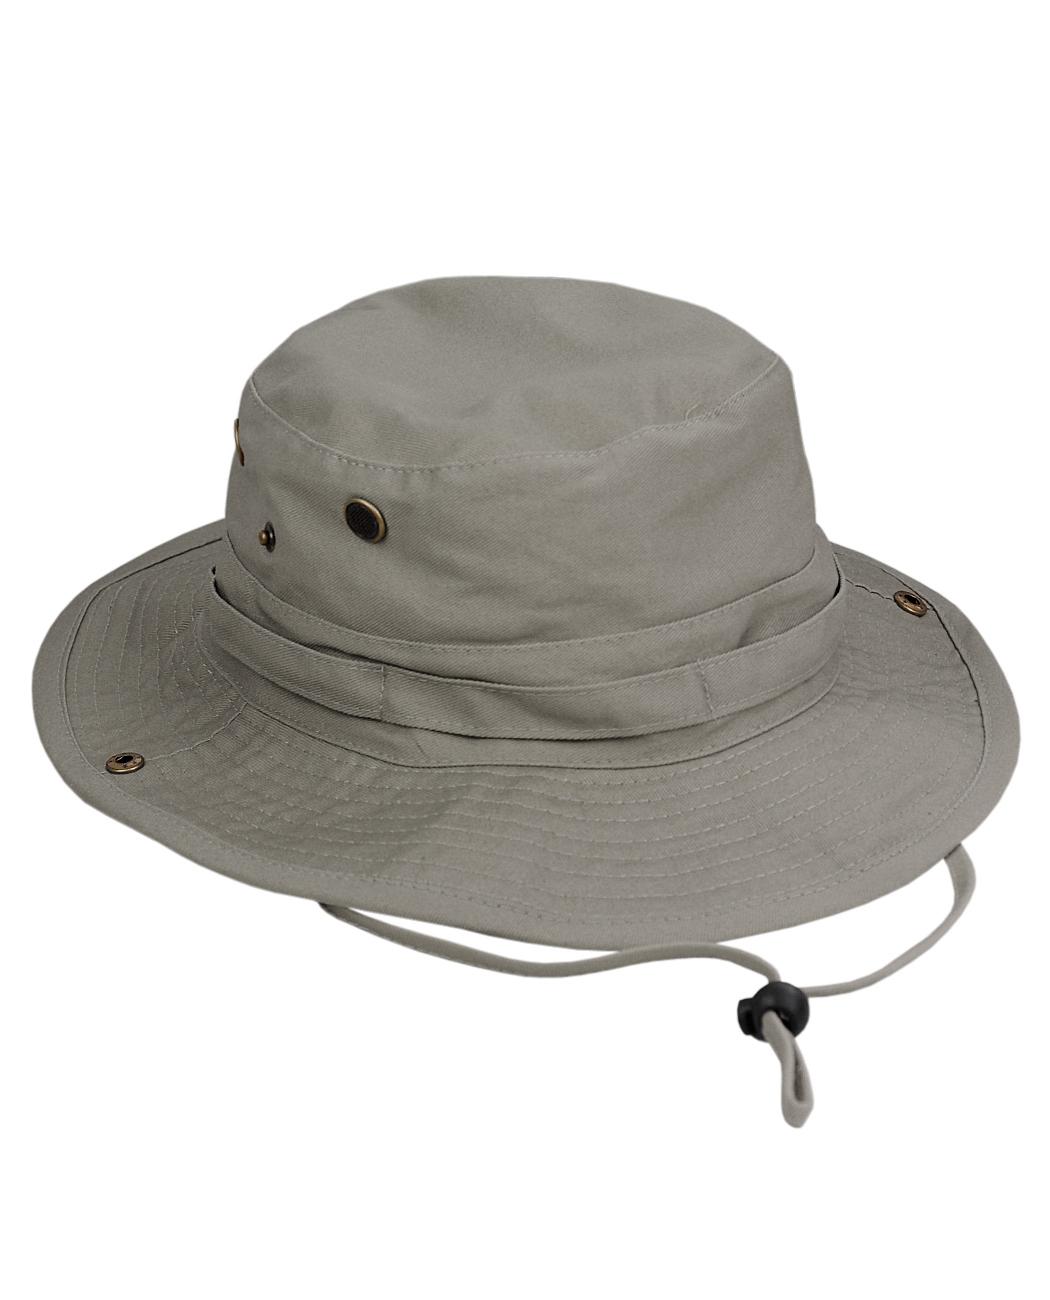 6e634152de2 NYFASHION101 Men s Crushable Snap Brim Cotton Outdoor Bucket Sun Hat ...